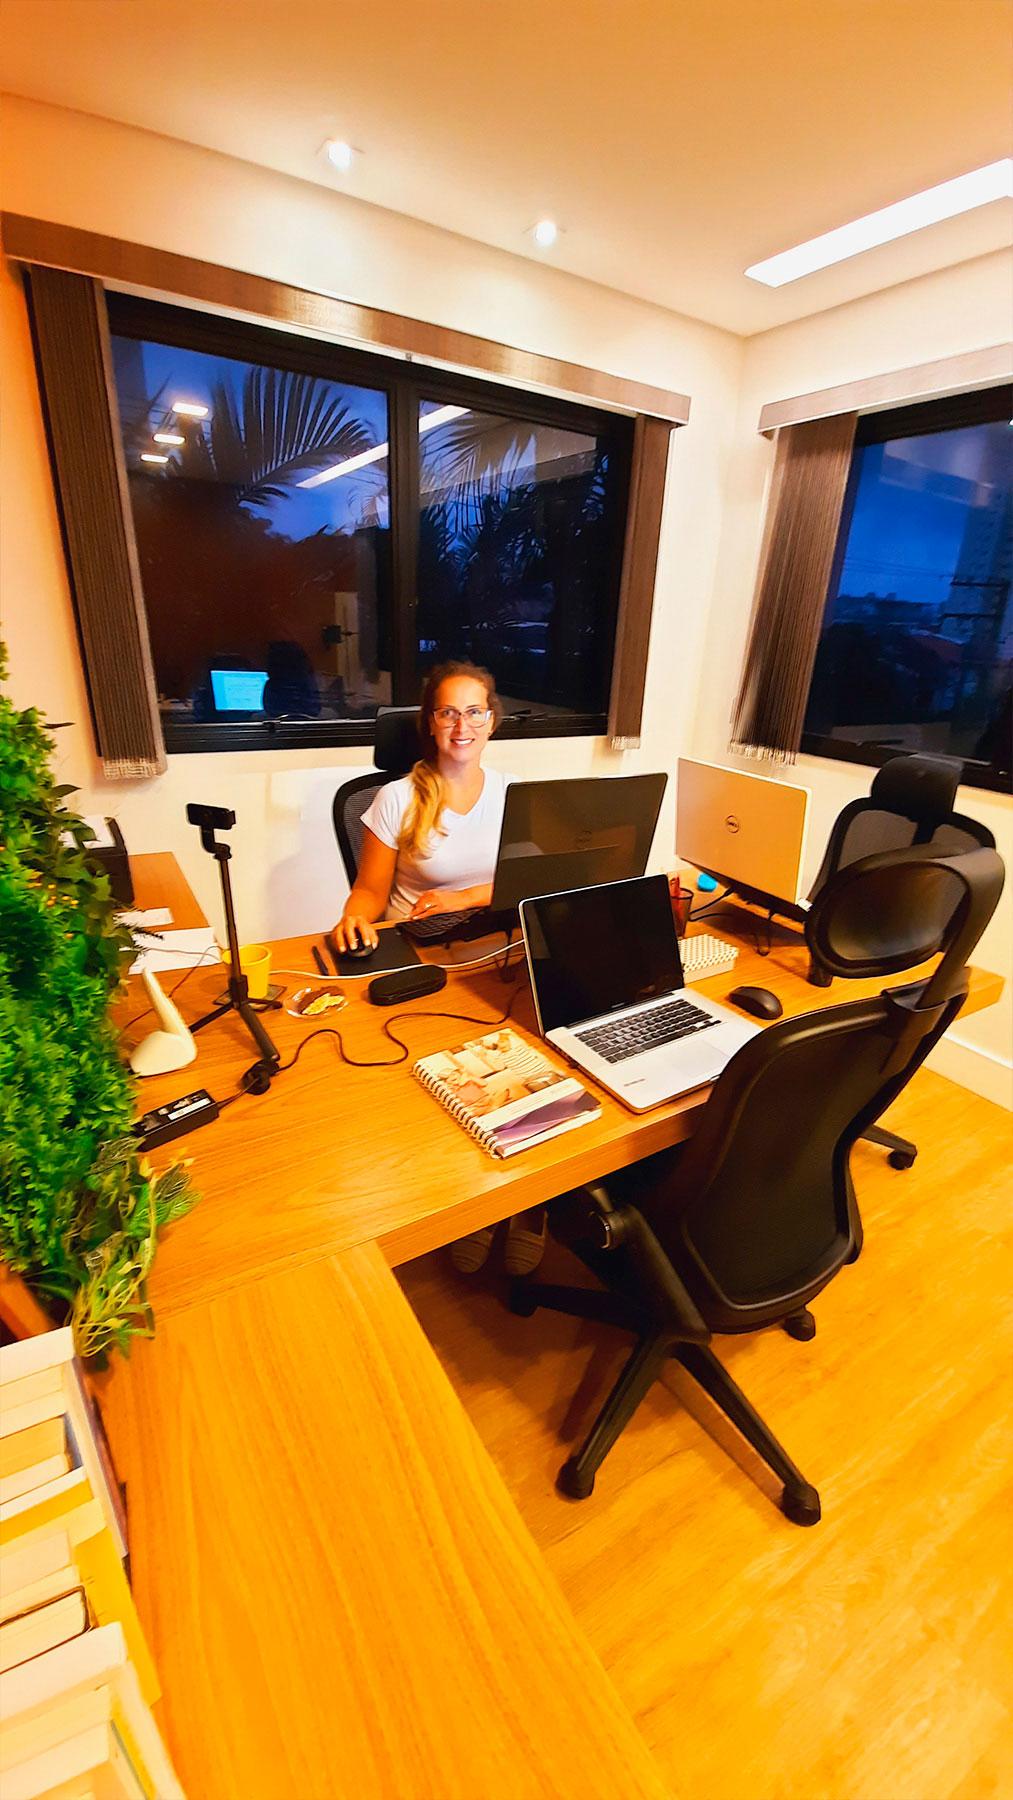 Luciane-Pozzobon-no-dia-a-dia-do-escritorio